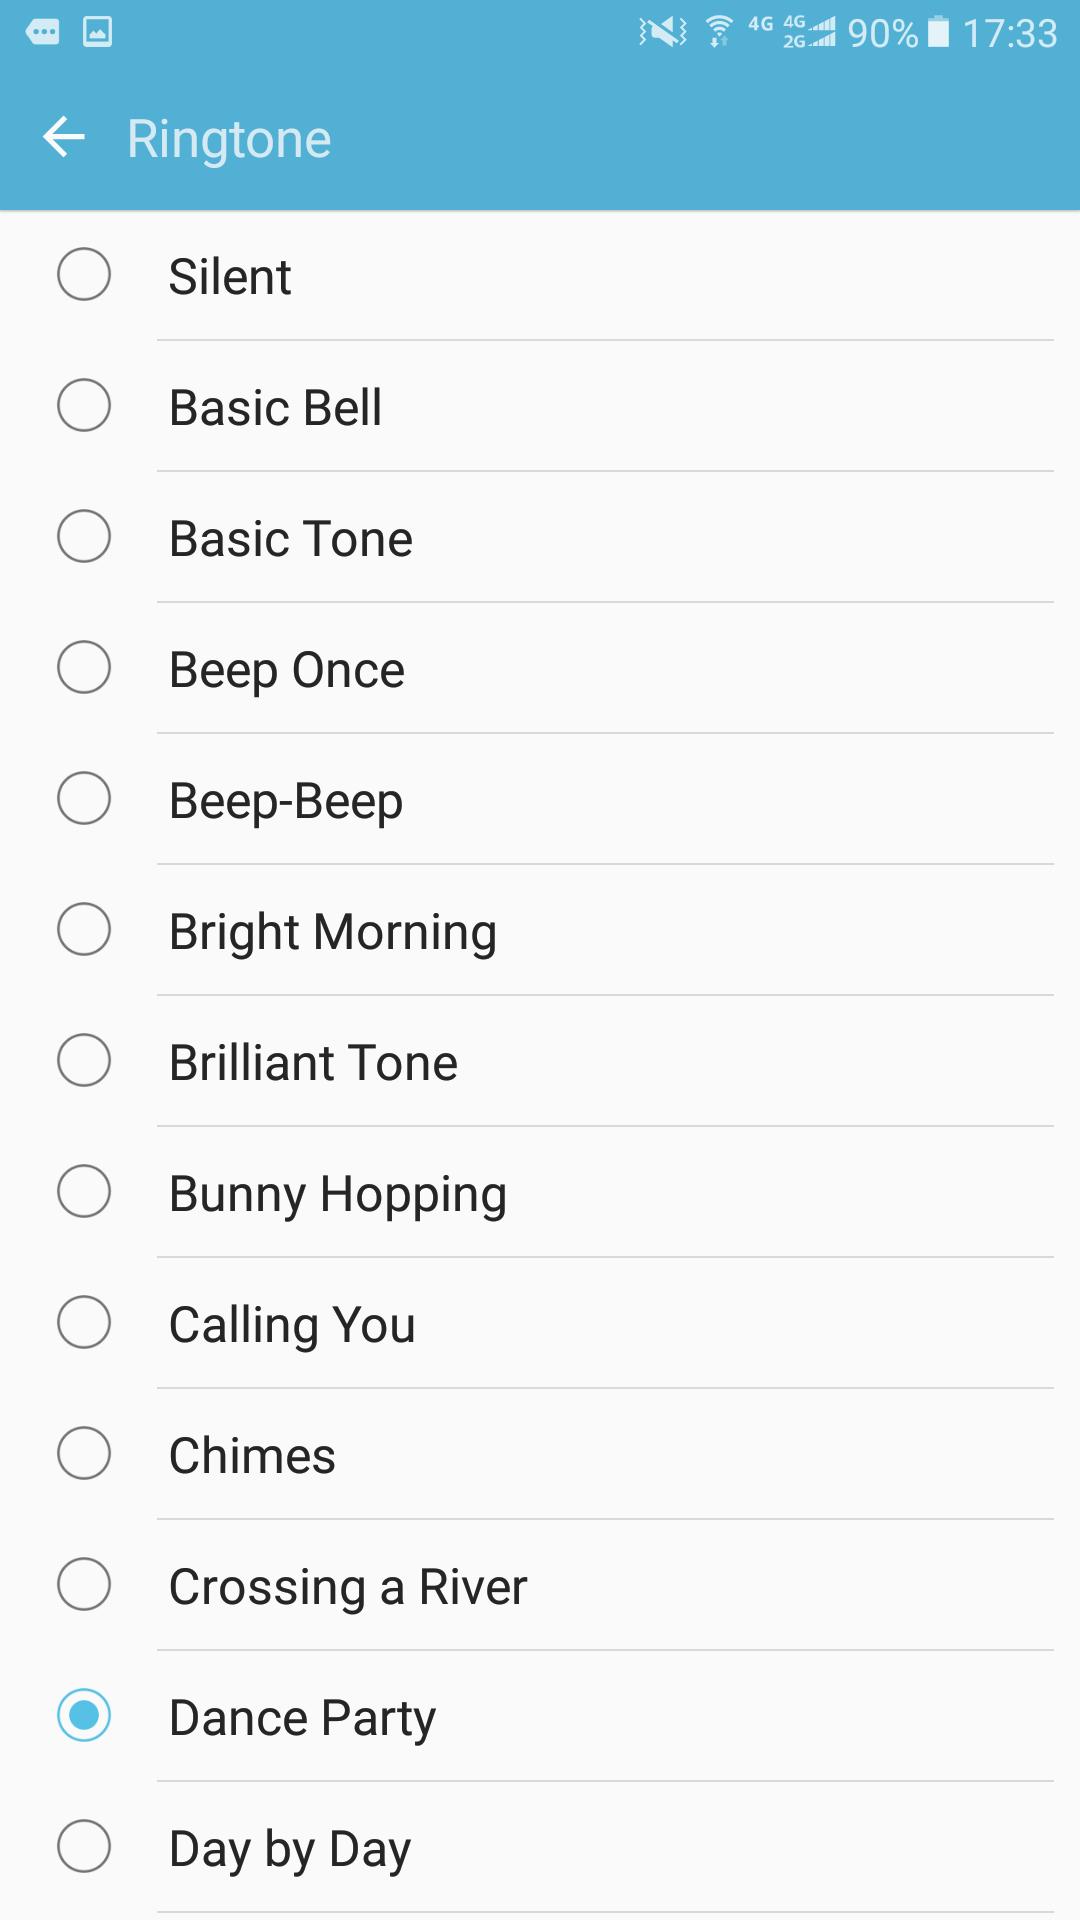 Choisissez votre sonnerie préférée